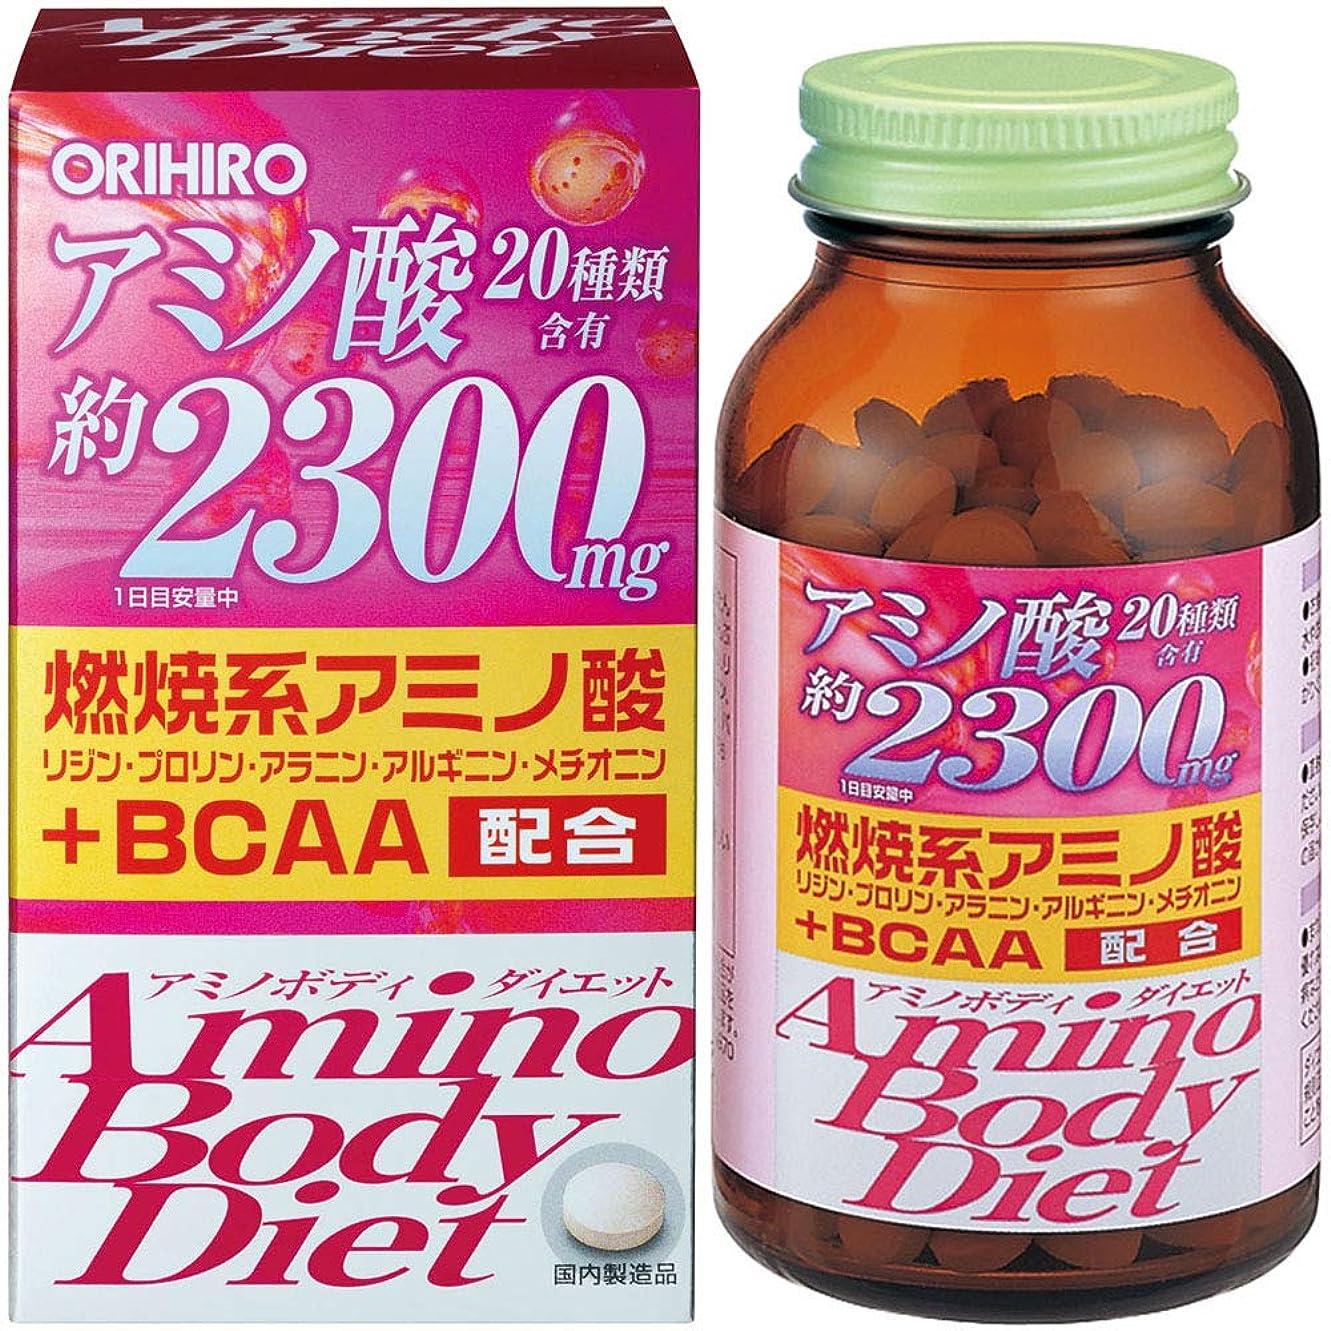 アーサーコナンドイル苦悩ホイットニーオリヒロ アミノボディ?ダイエット 約300粒